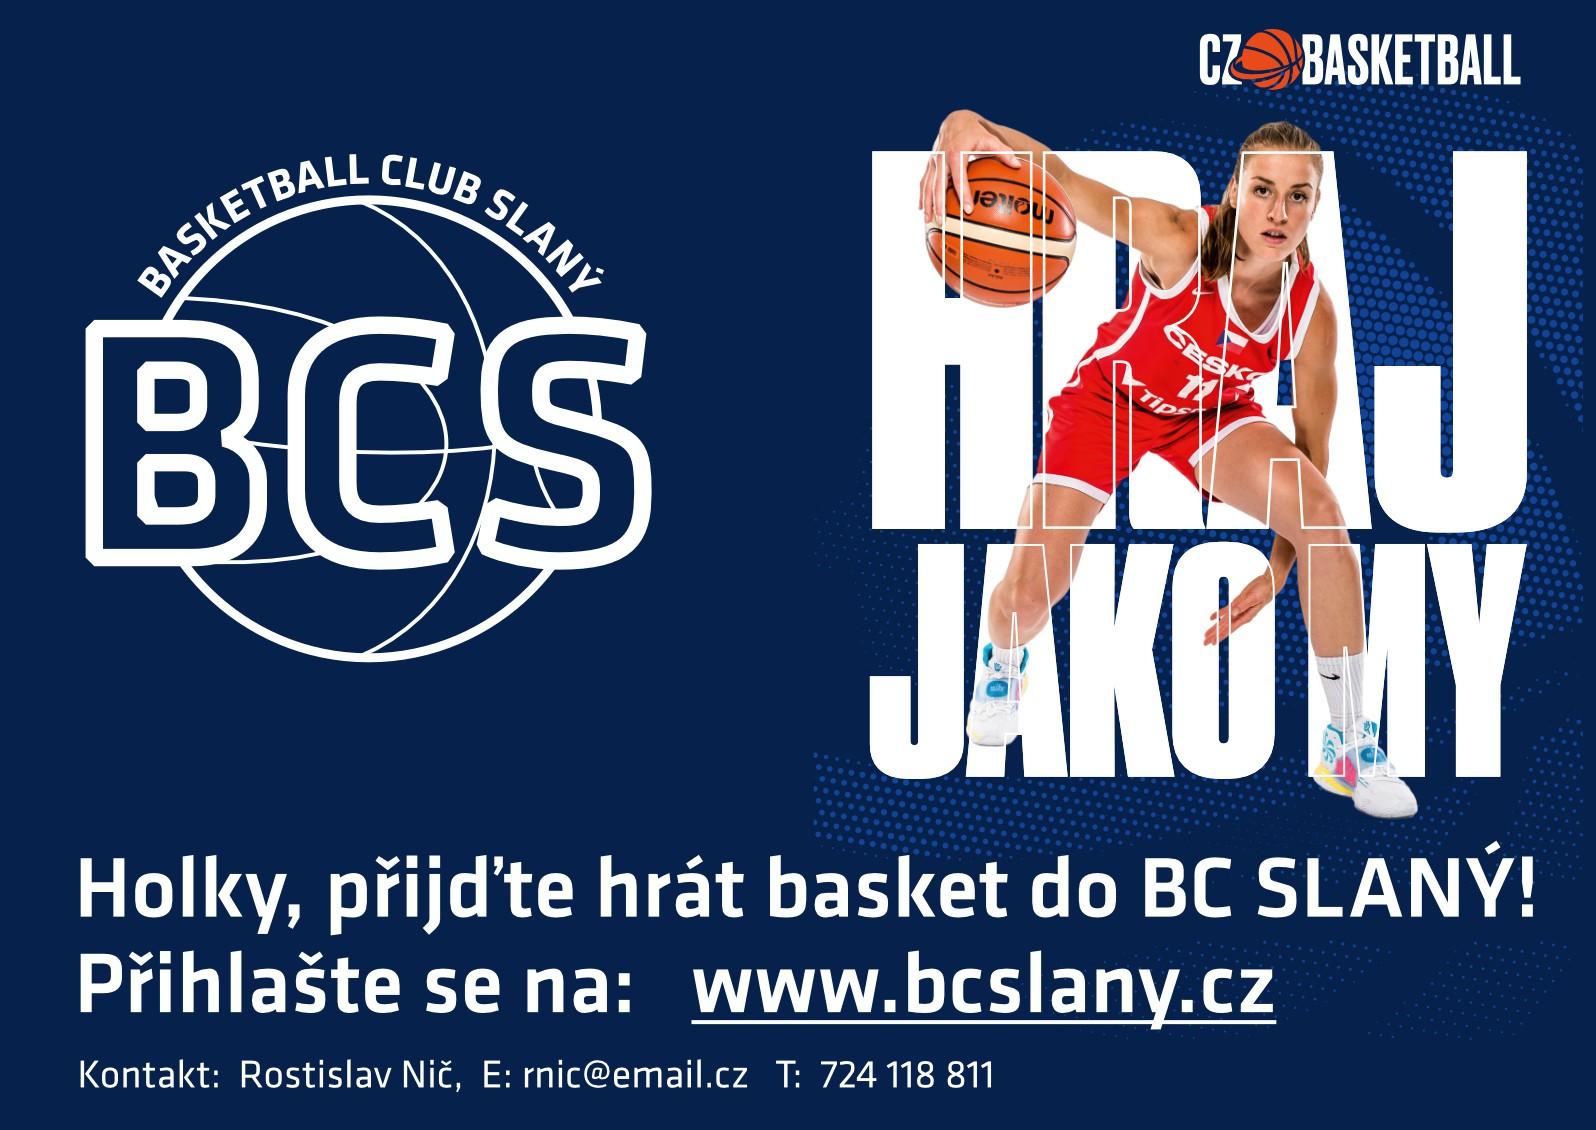 Hraj jako my, přijďte hrát basket do BC Slaný!